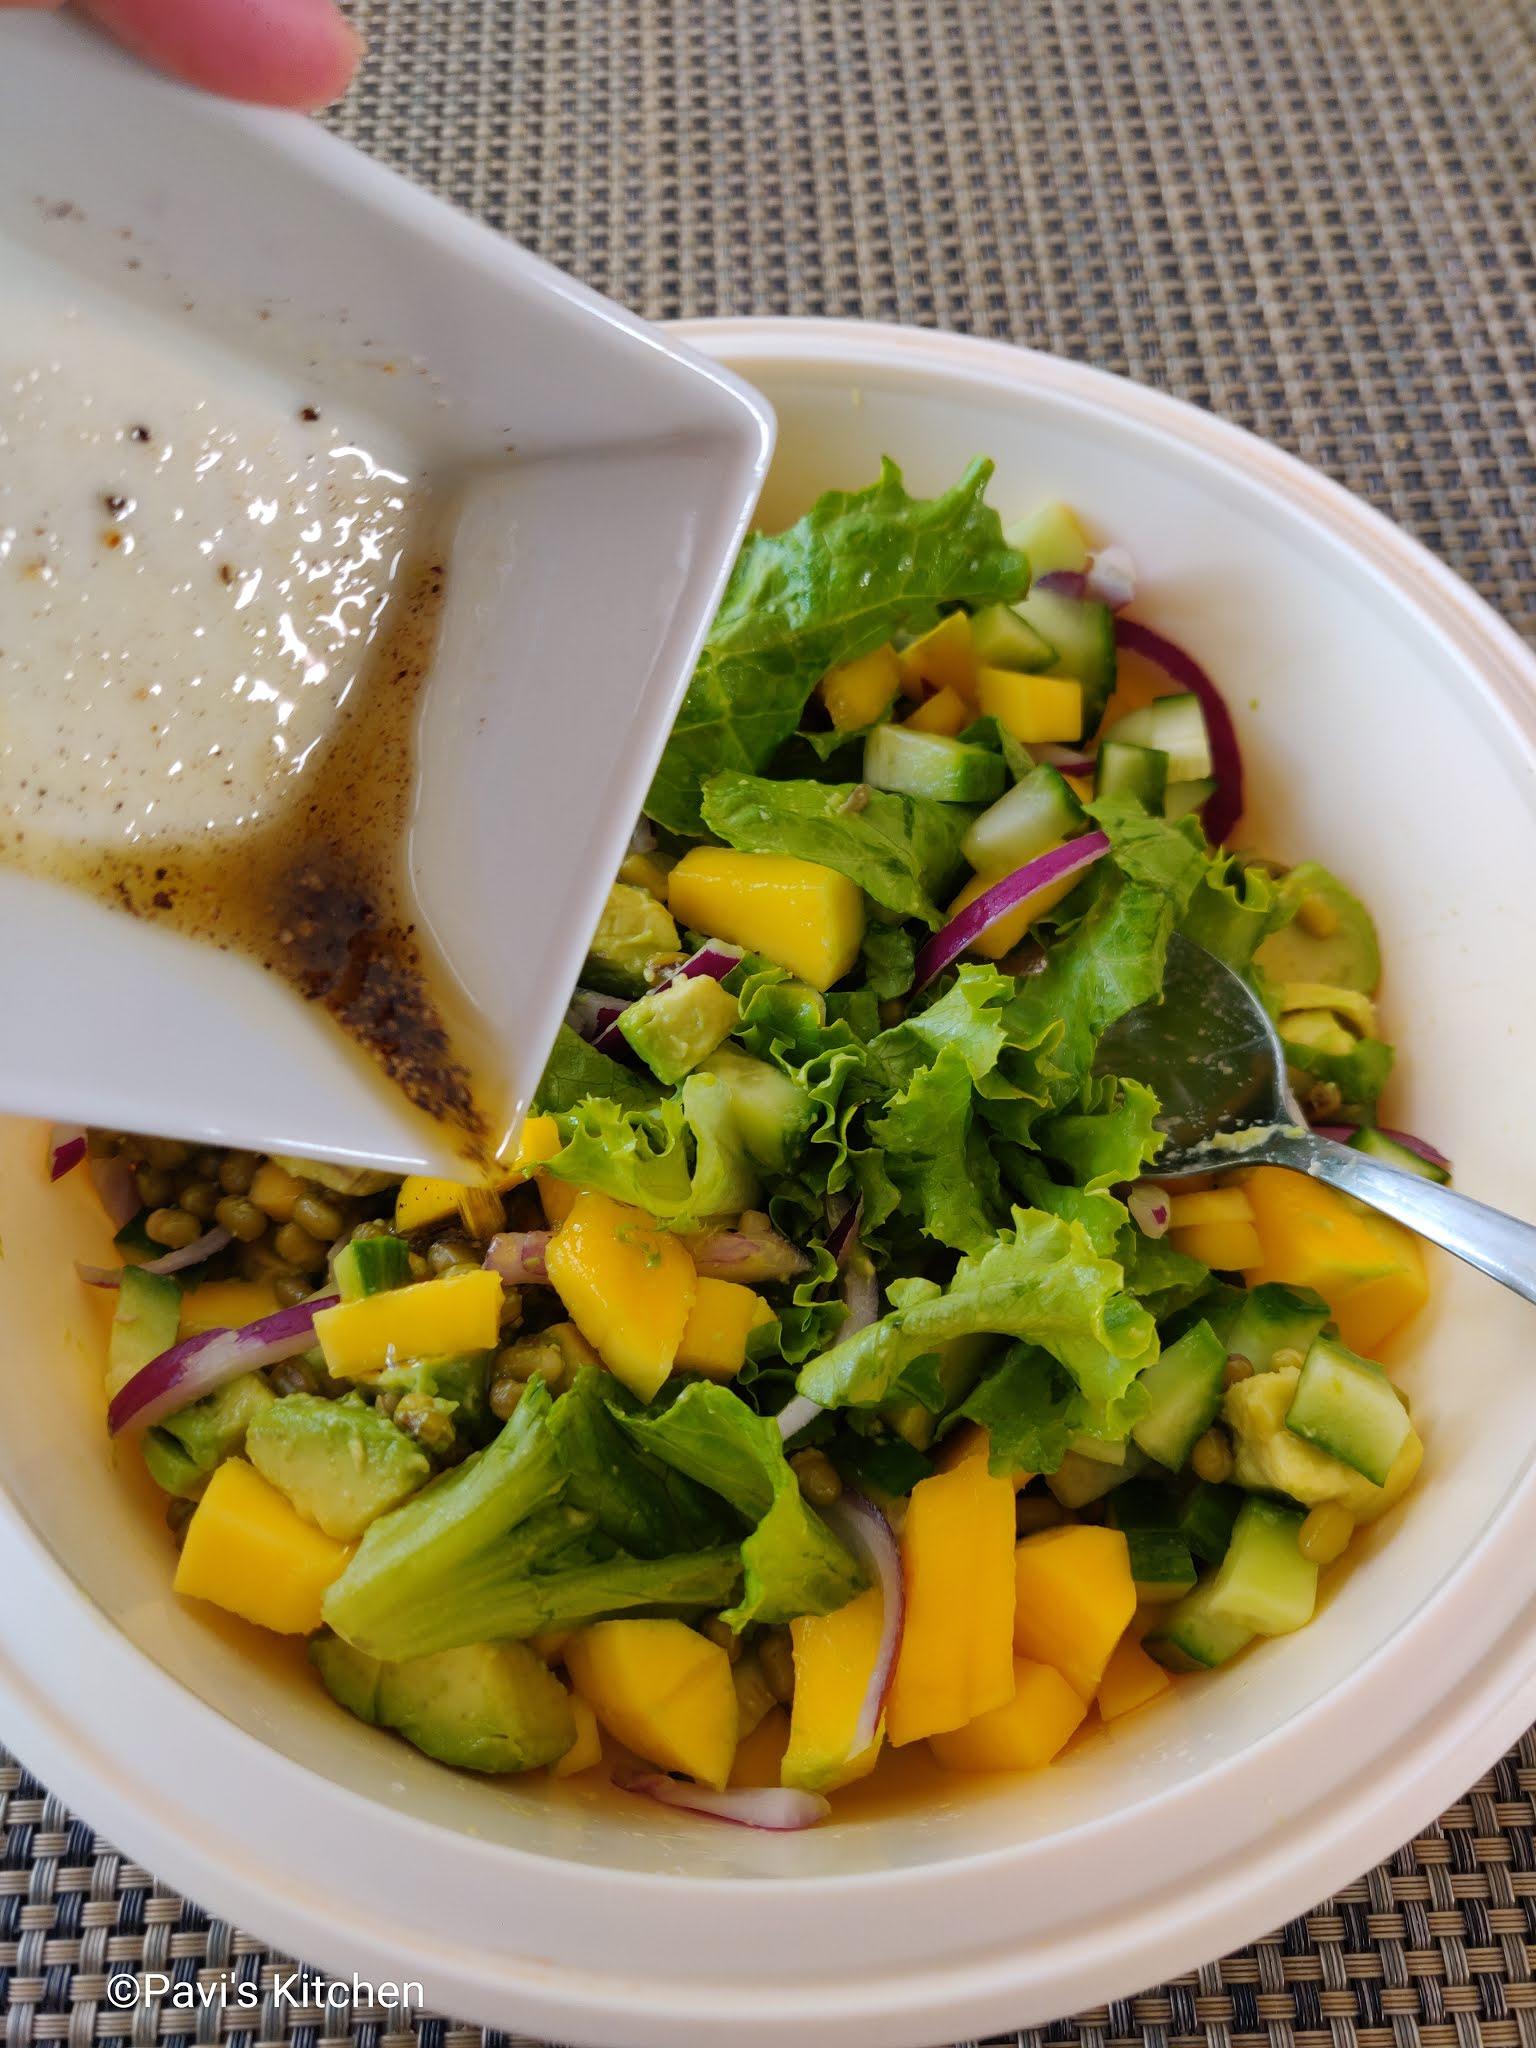 Boiled green moong dal salad   green mung bean salad   green gram salad recipe